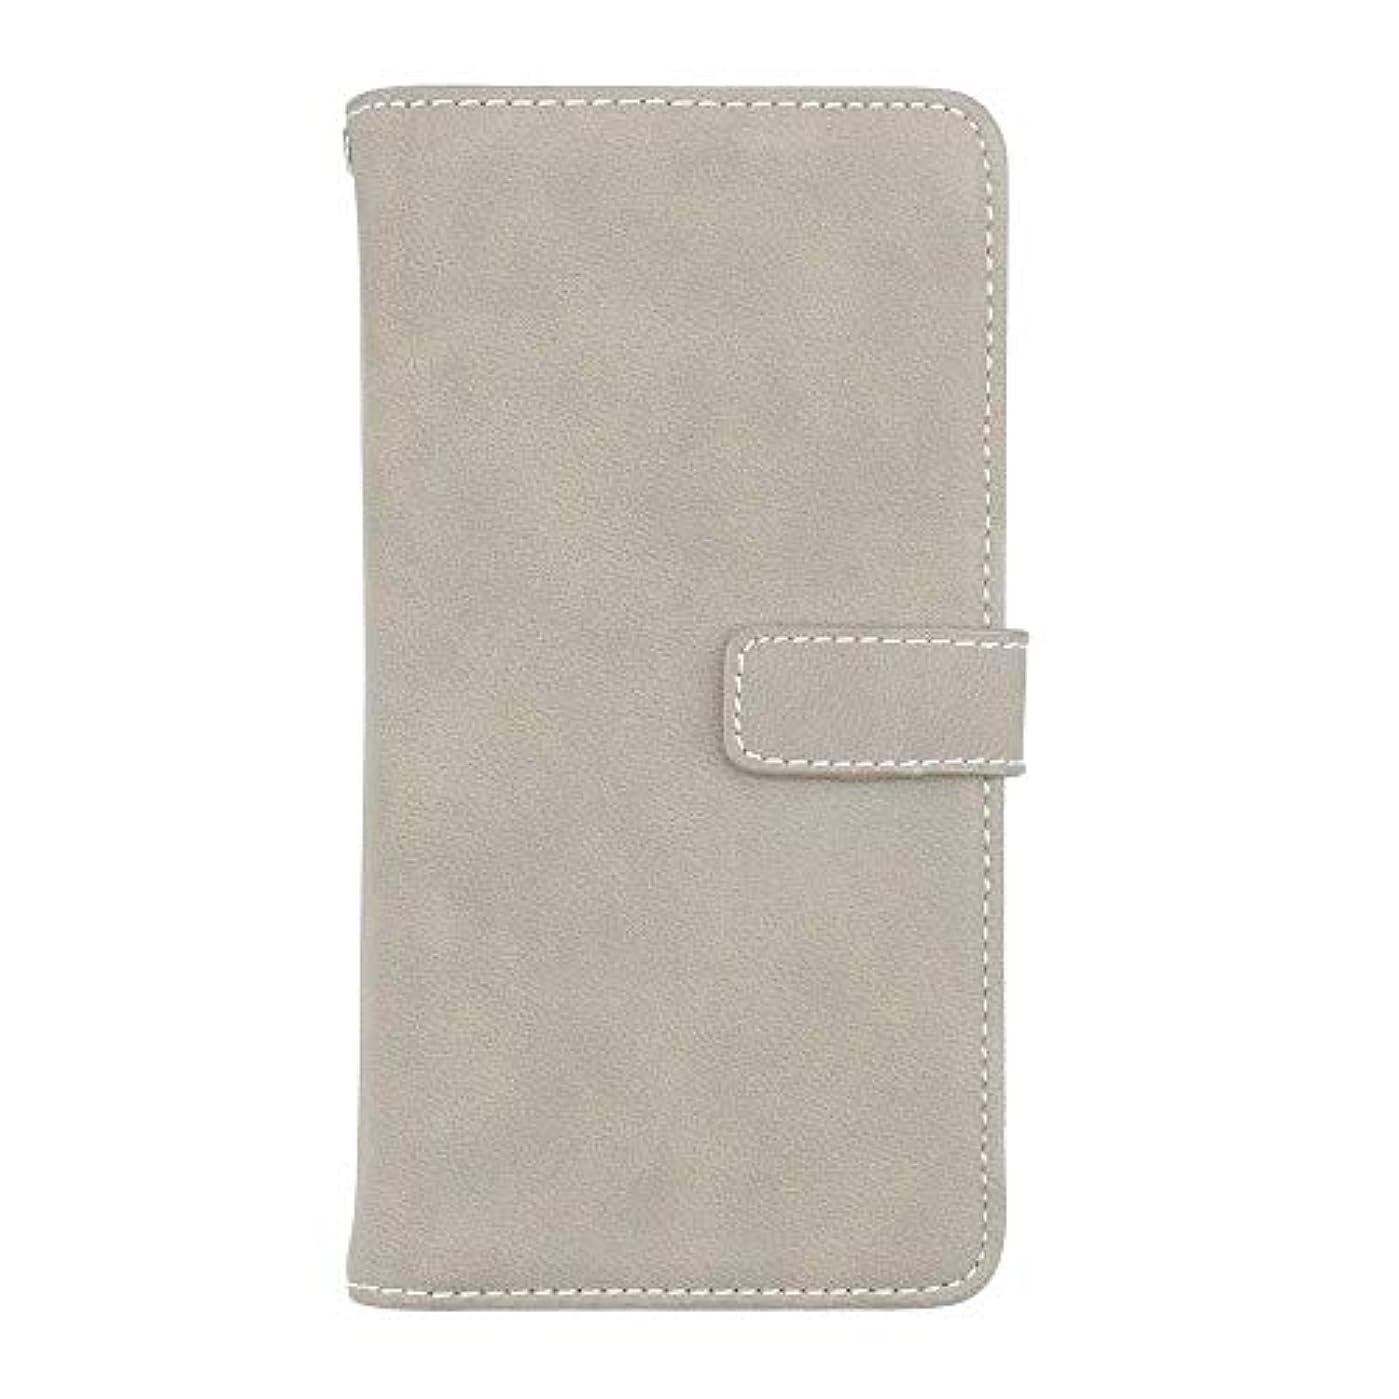 顎省略レースXiaomi Redmi Note 5 高品質 マグネット ケース, CUNUS 携帯電話 ケース 軽量 柔軟 高品質 耐摩擦 カード収納 カバー Xiaomi Redmi Note 5 用, グレー